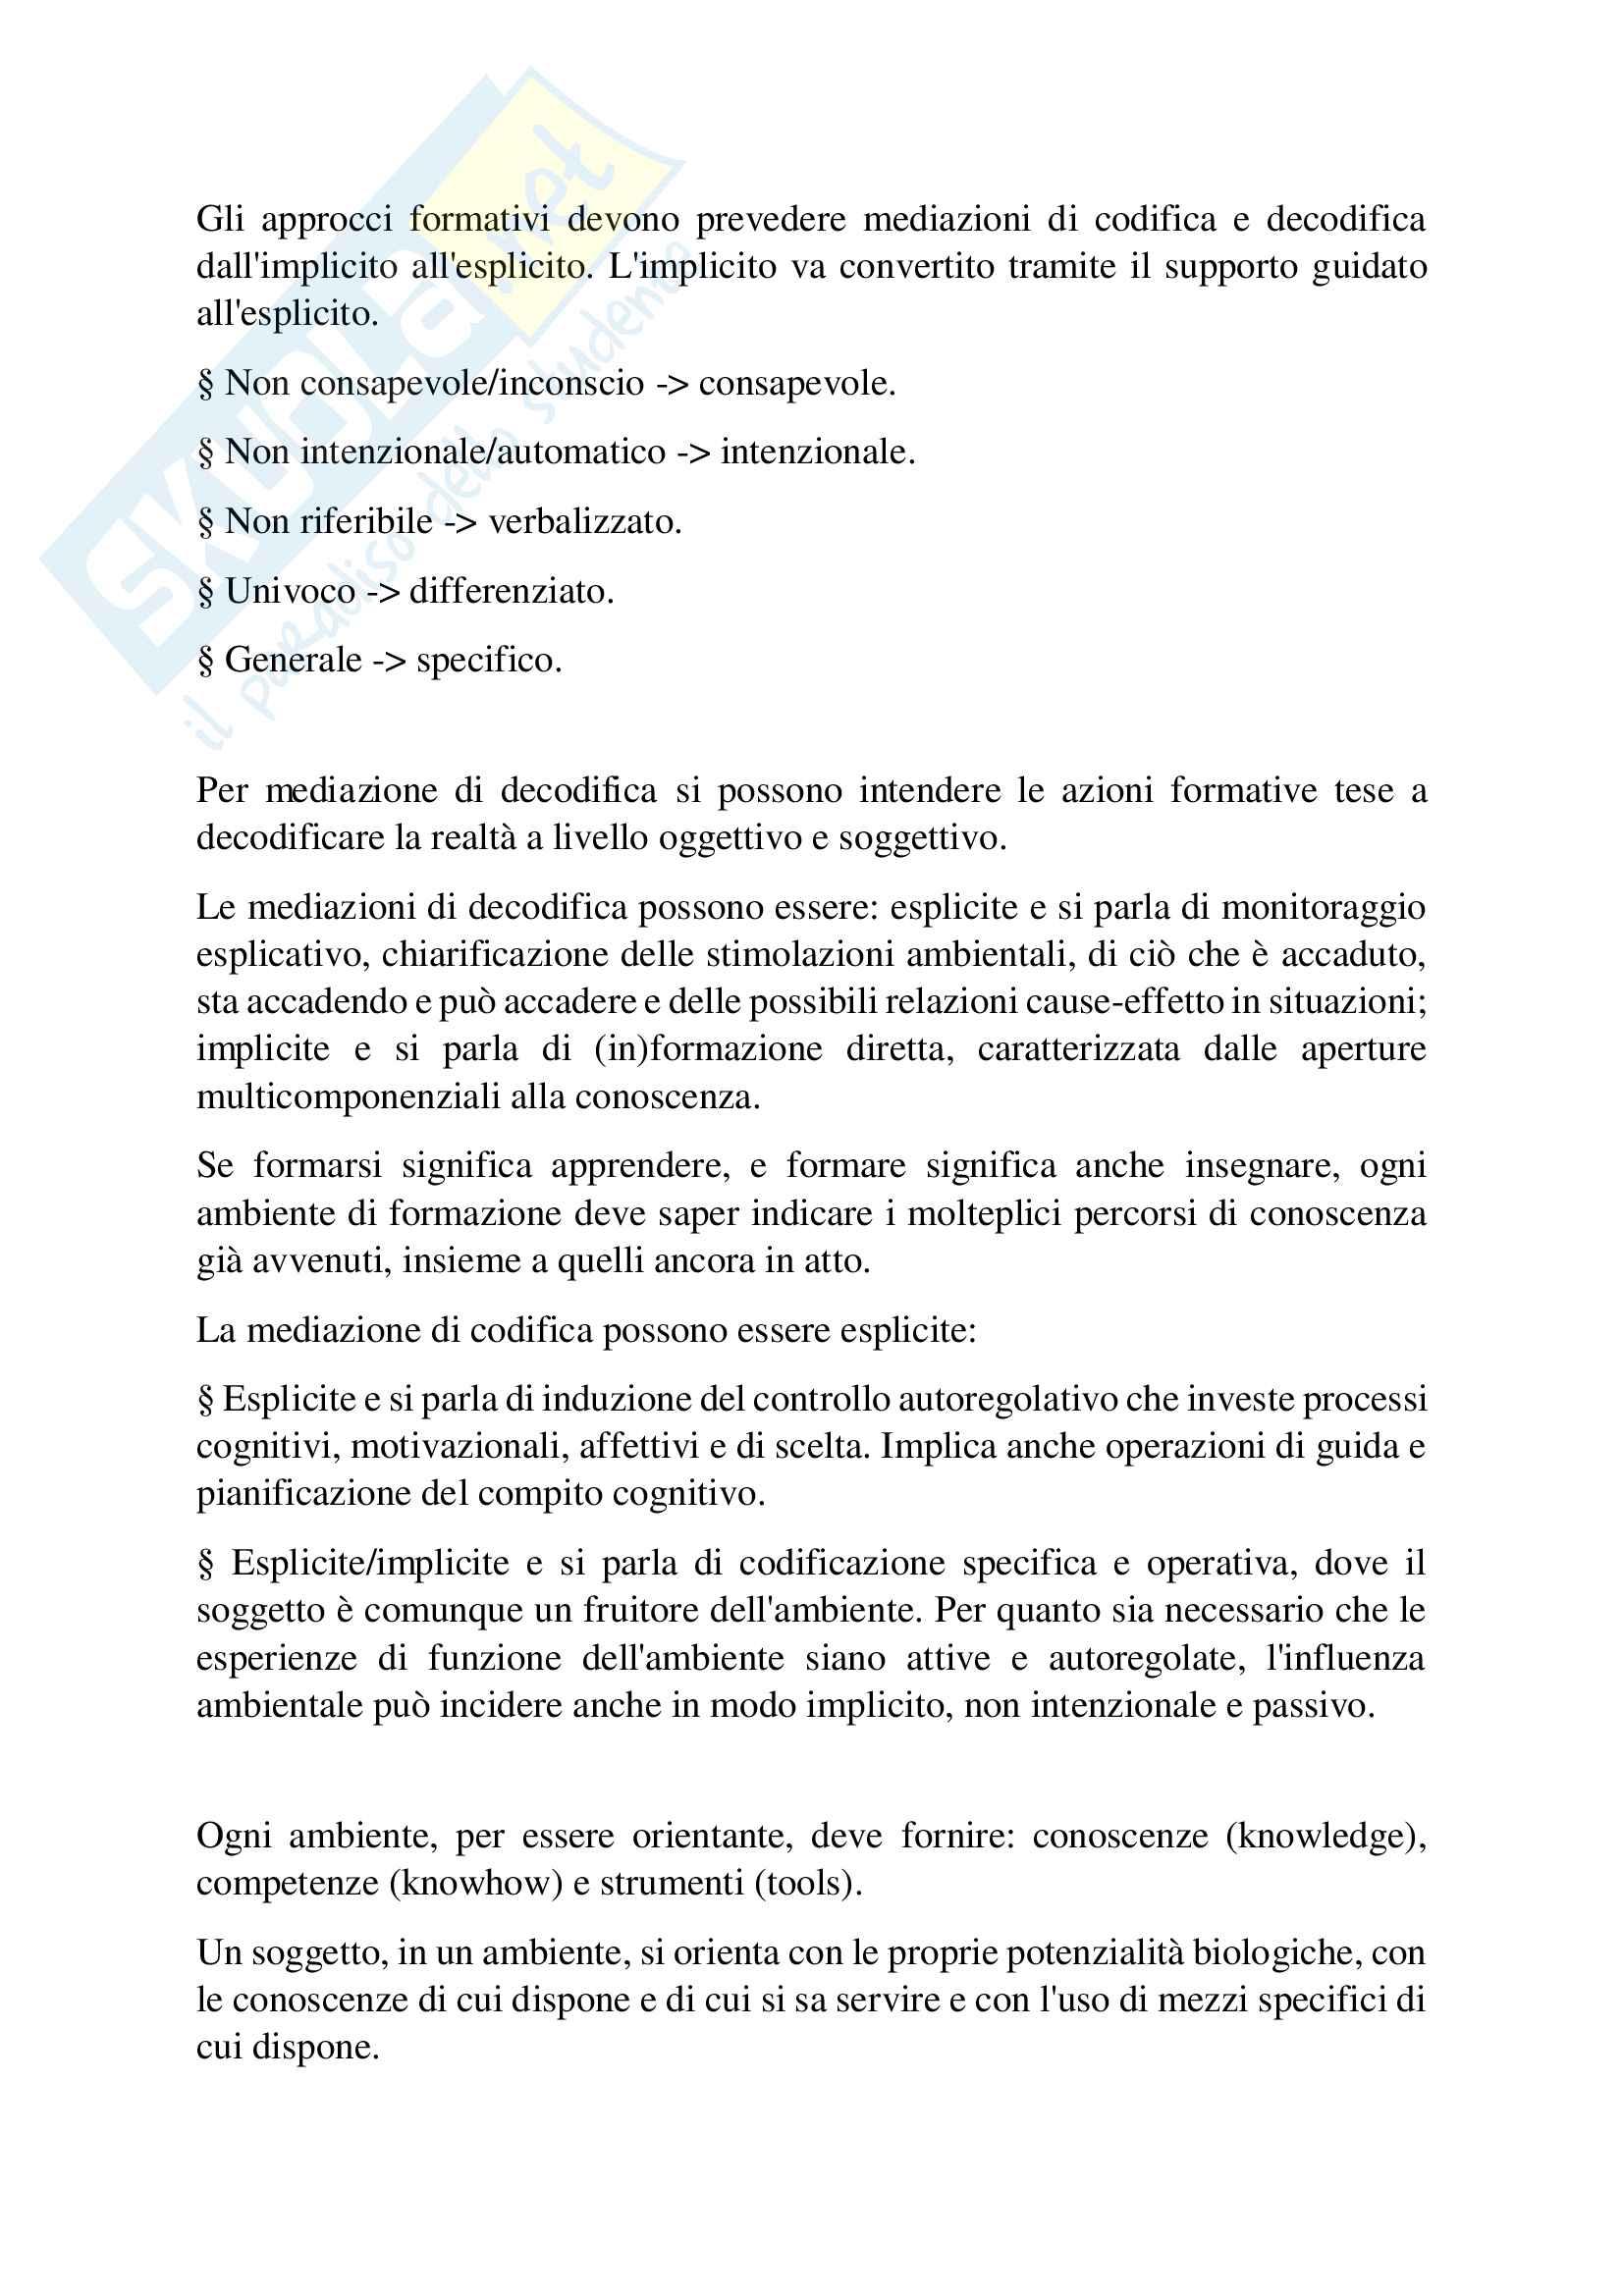 Riassunto Esame Modelli e processi formativi, Prof. Ariemma Lucia, Libro consigliato Modelli teorici e metodologici dell'apprendimento, Santoianni F., Striano M. Pag. 26